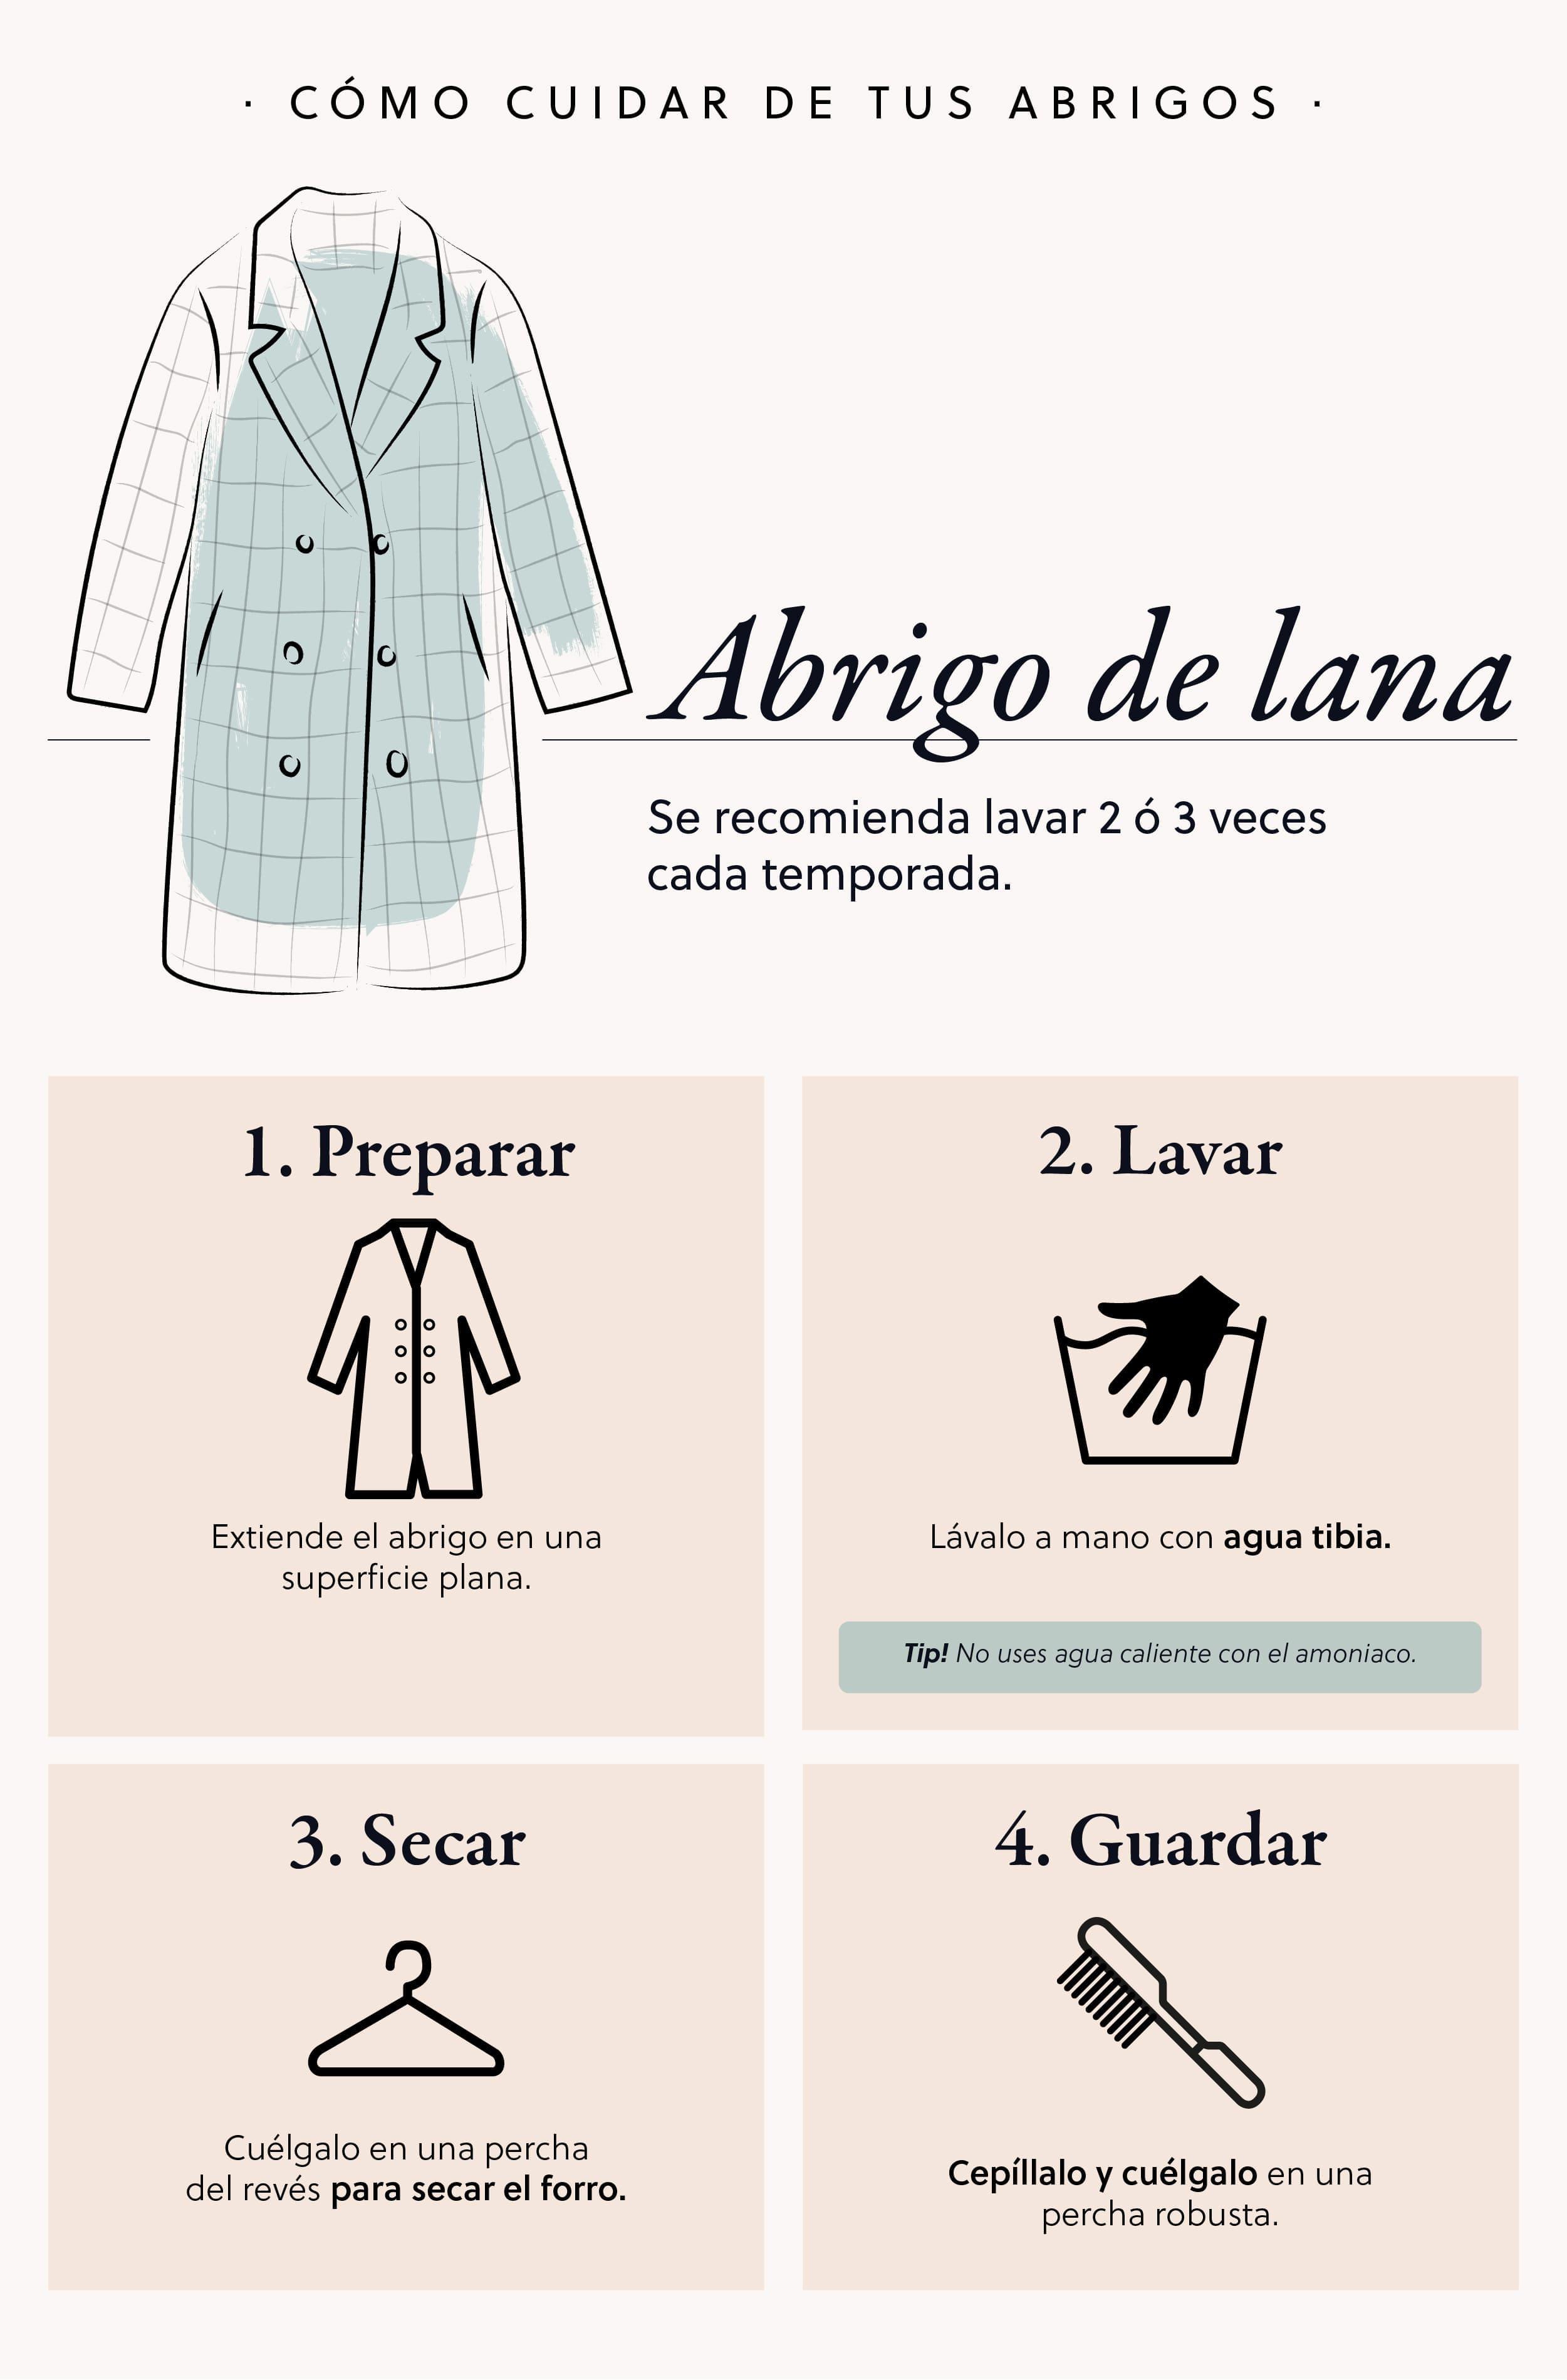 Cómo Cuidar Tu Abrigo De Lana Para Que Dure Más Tiempo Lookiero Blog